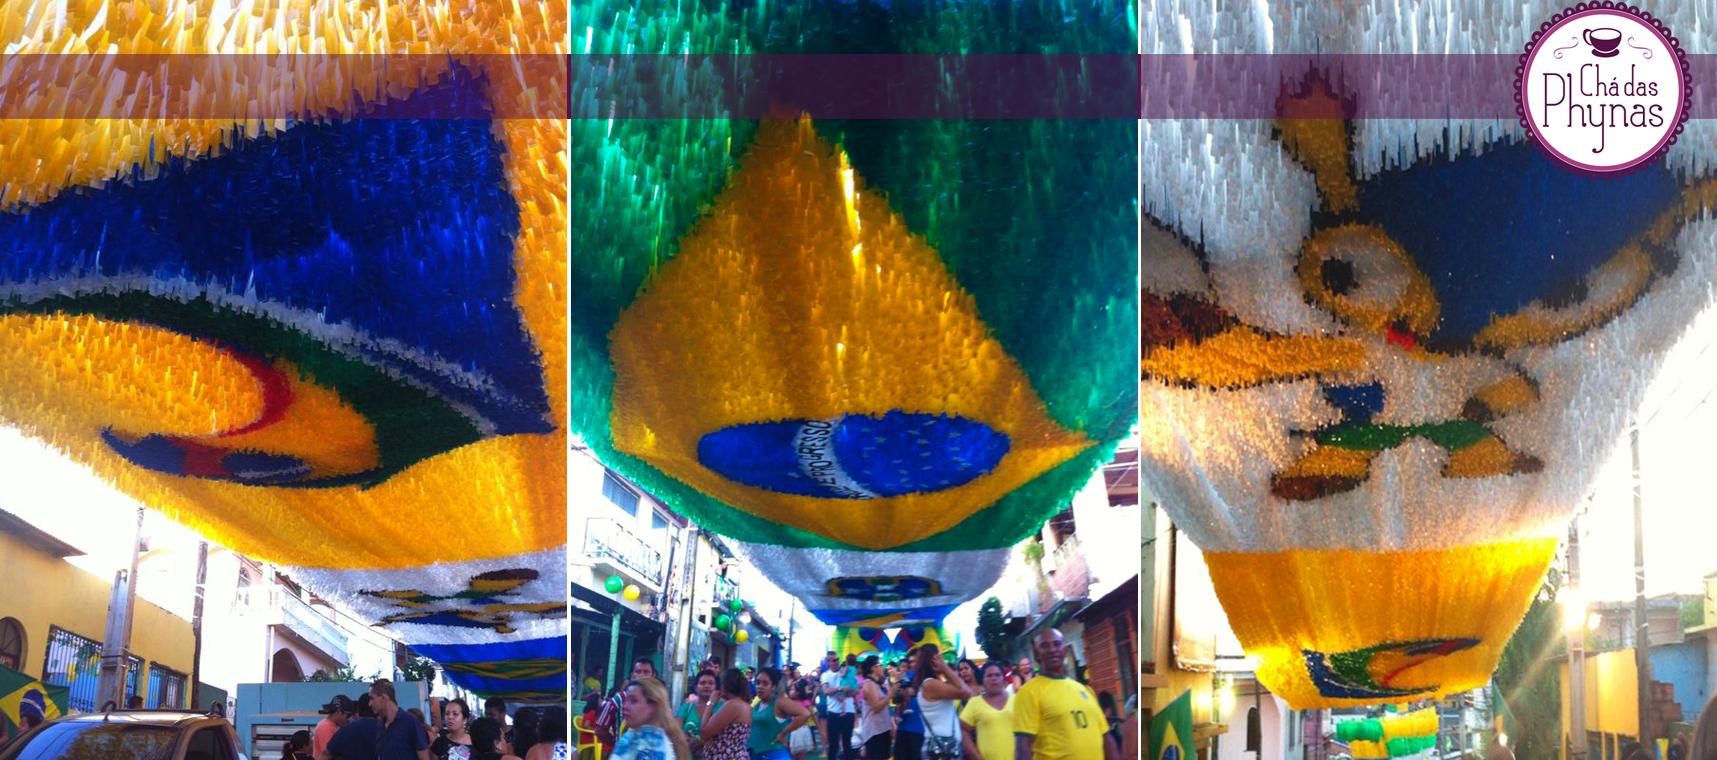 Rua 3, Bairro Alvorada, decorada para a Copa (Foto: Natália Wagner)